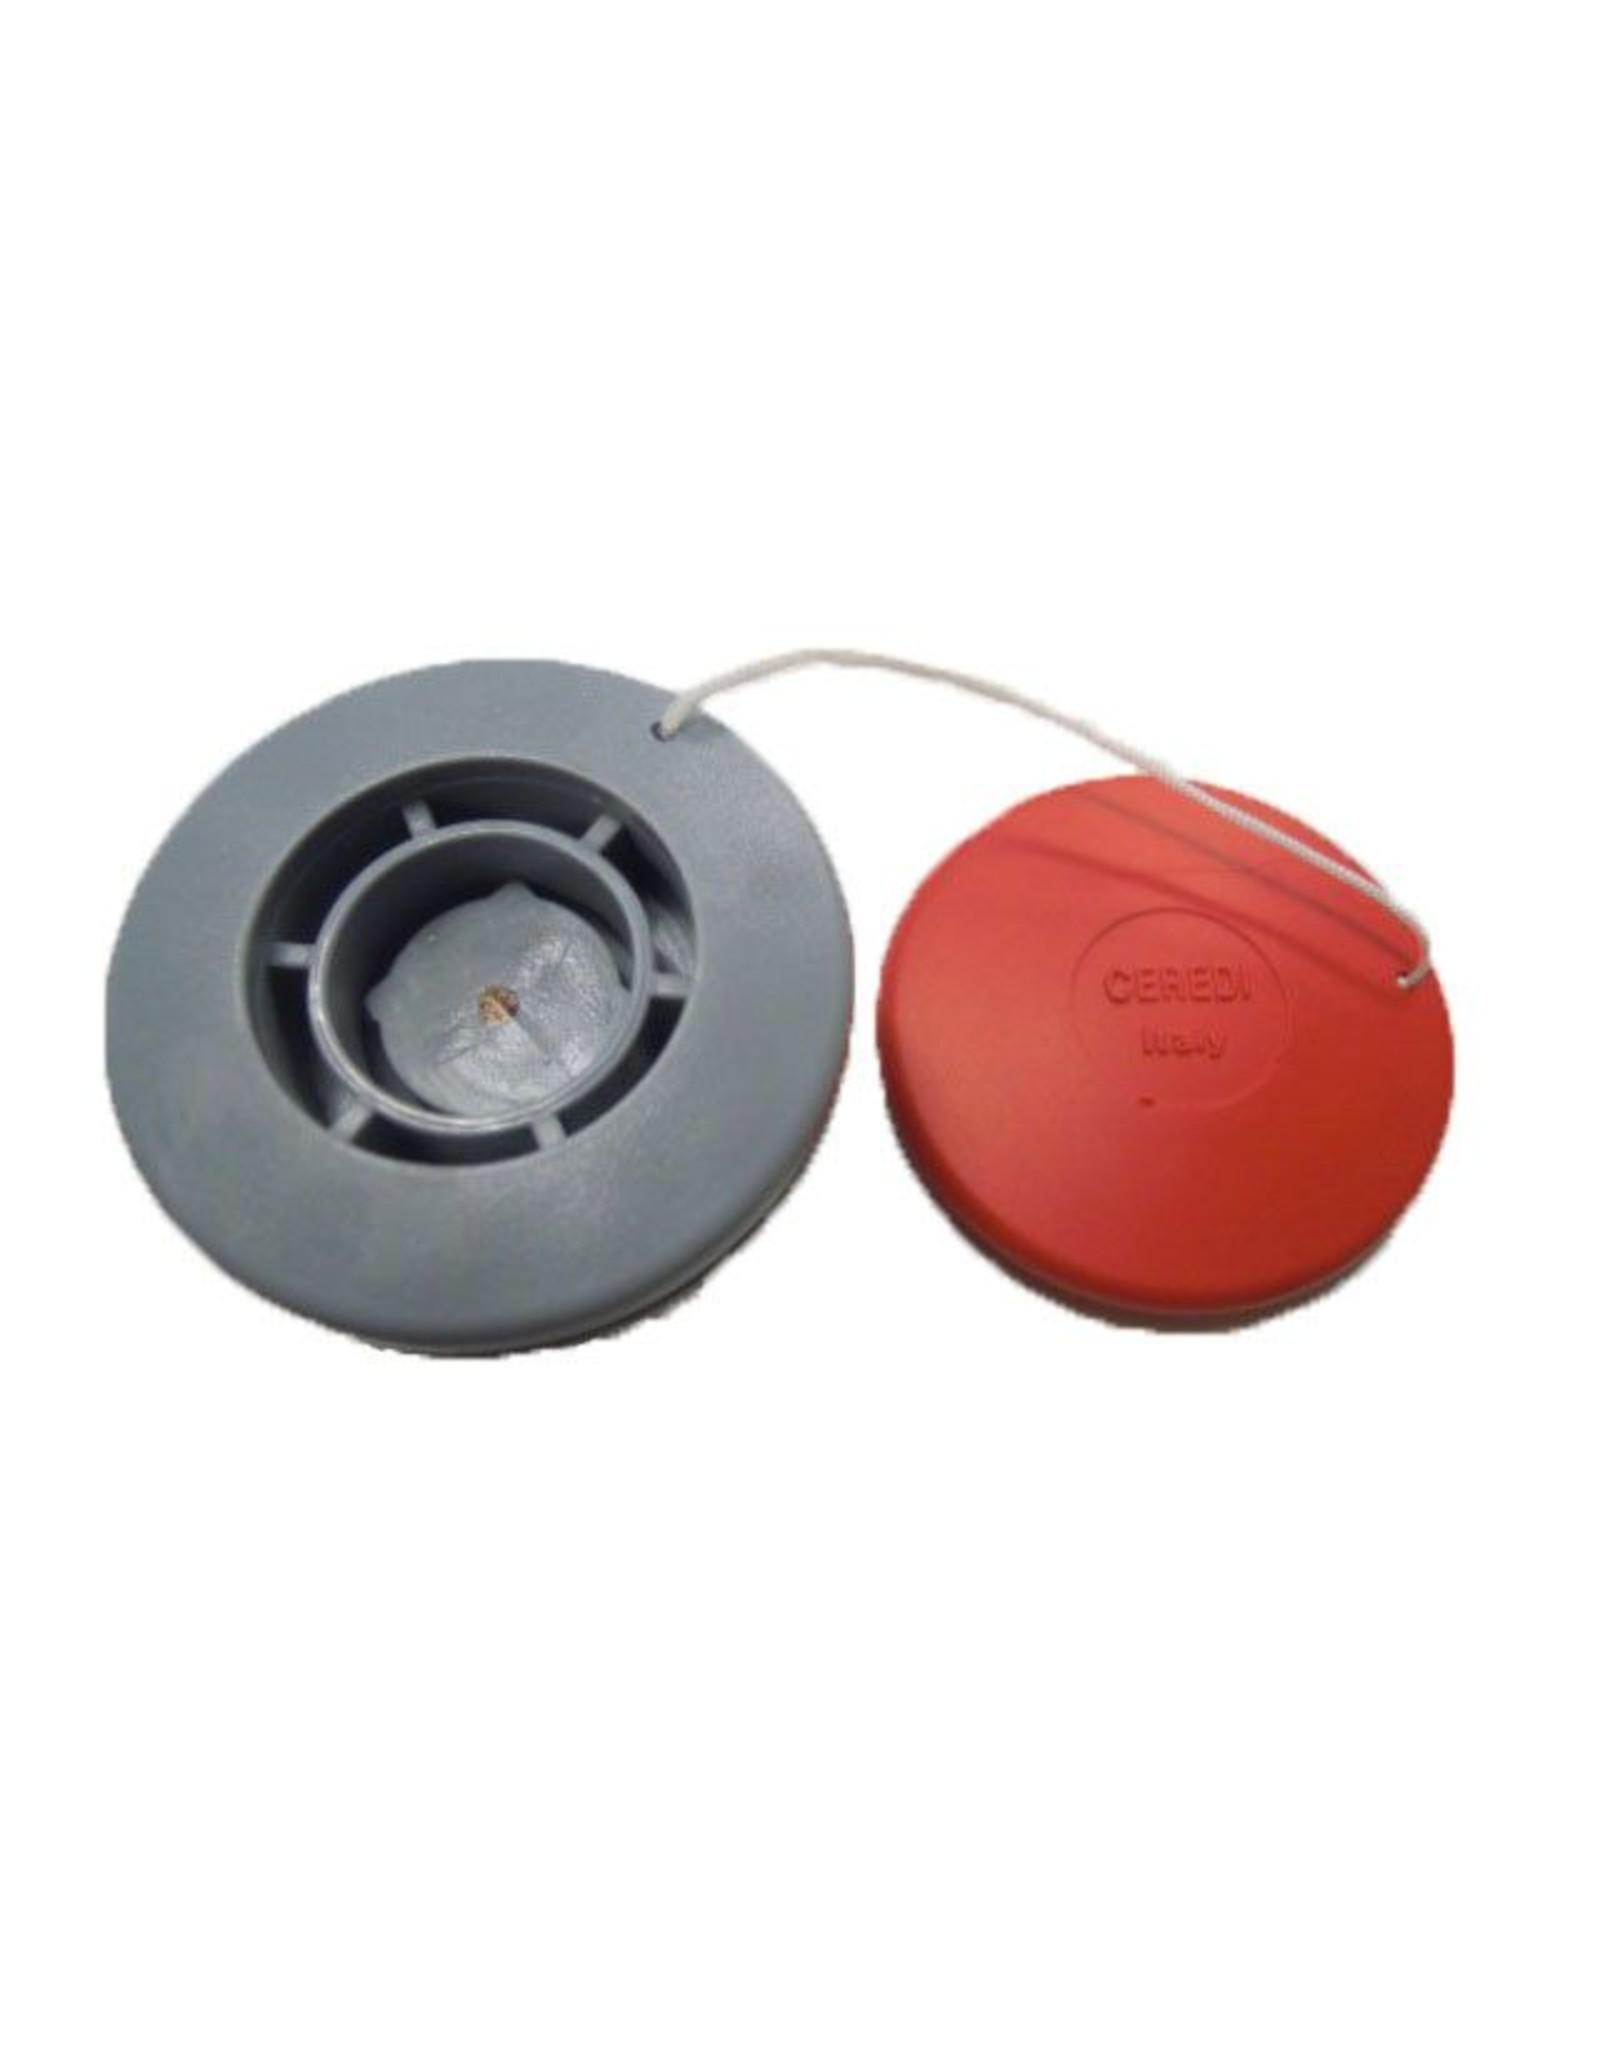 Quicksilver Lodestar / Quicksilver overdruk ventiel